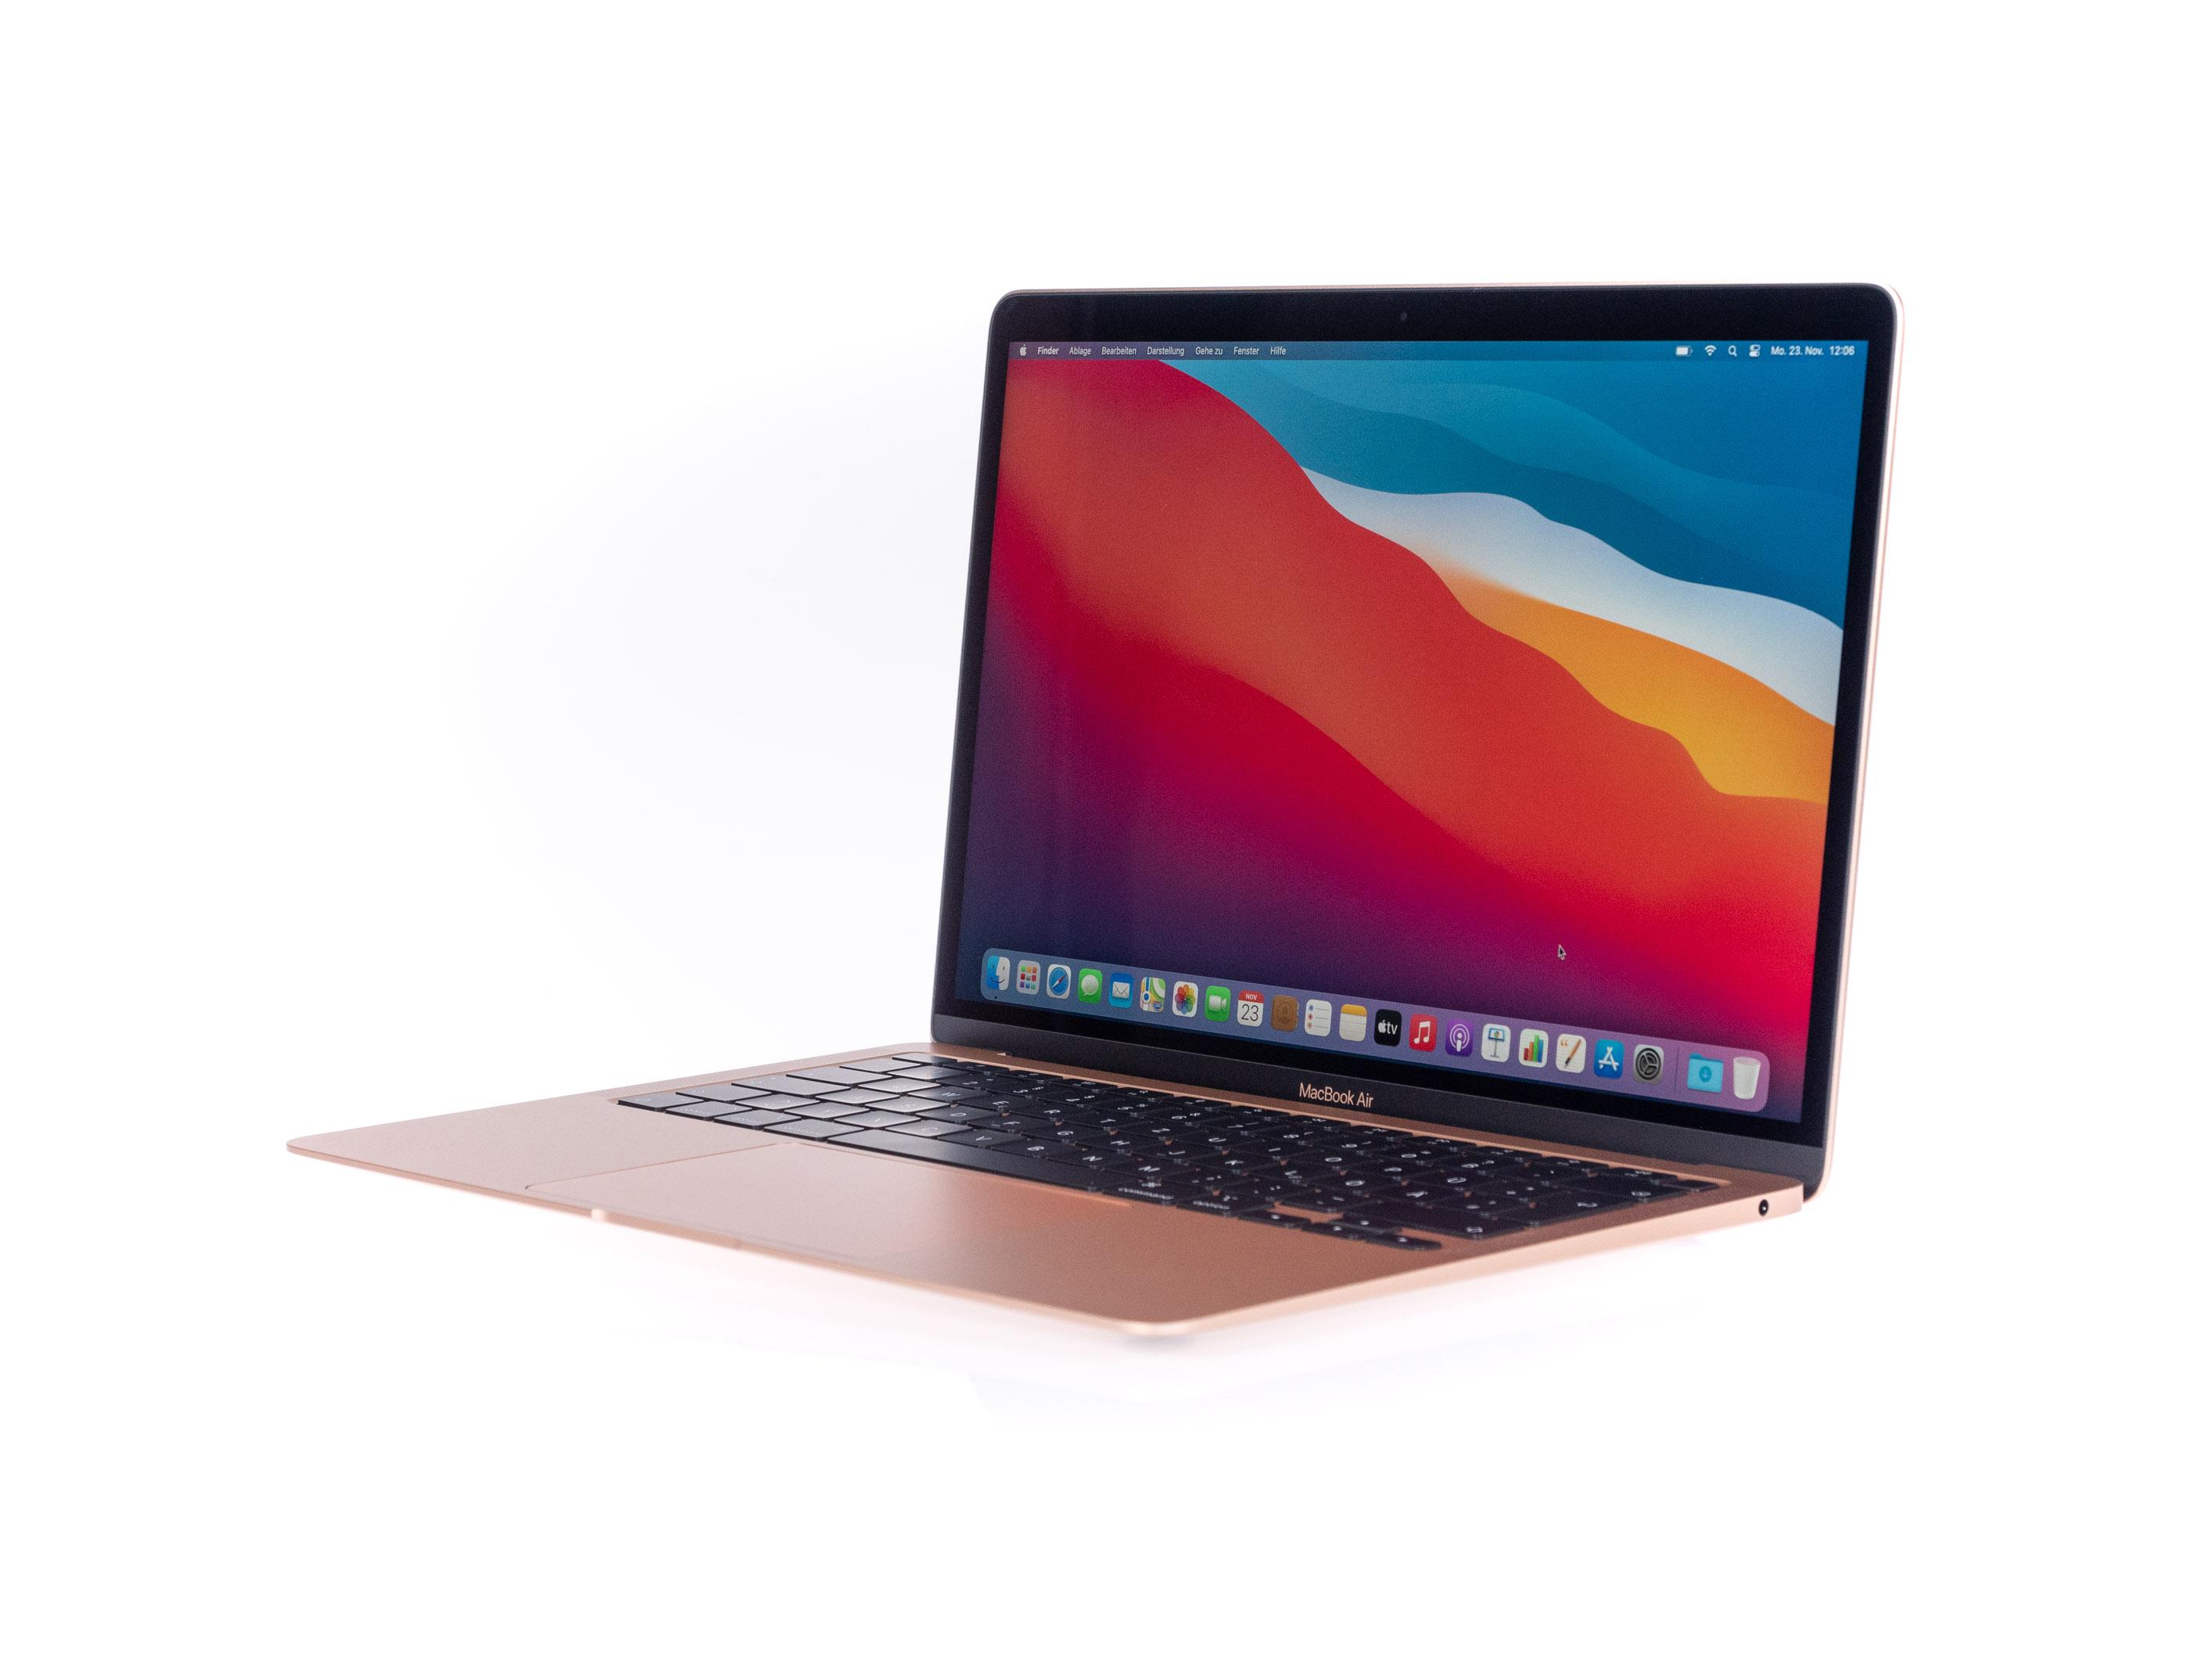 Macbook Air mit Apple Silicon im Test: Das beste Macbook braucht kein Intel - Macbook Air mit Apple M1 (Bild: Martin Wolf/Golem.de)